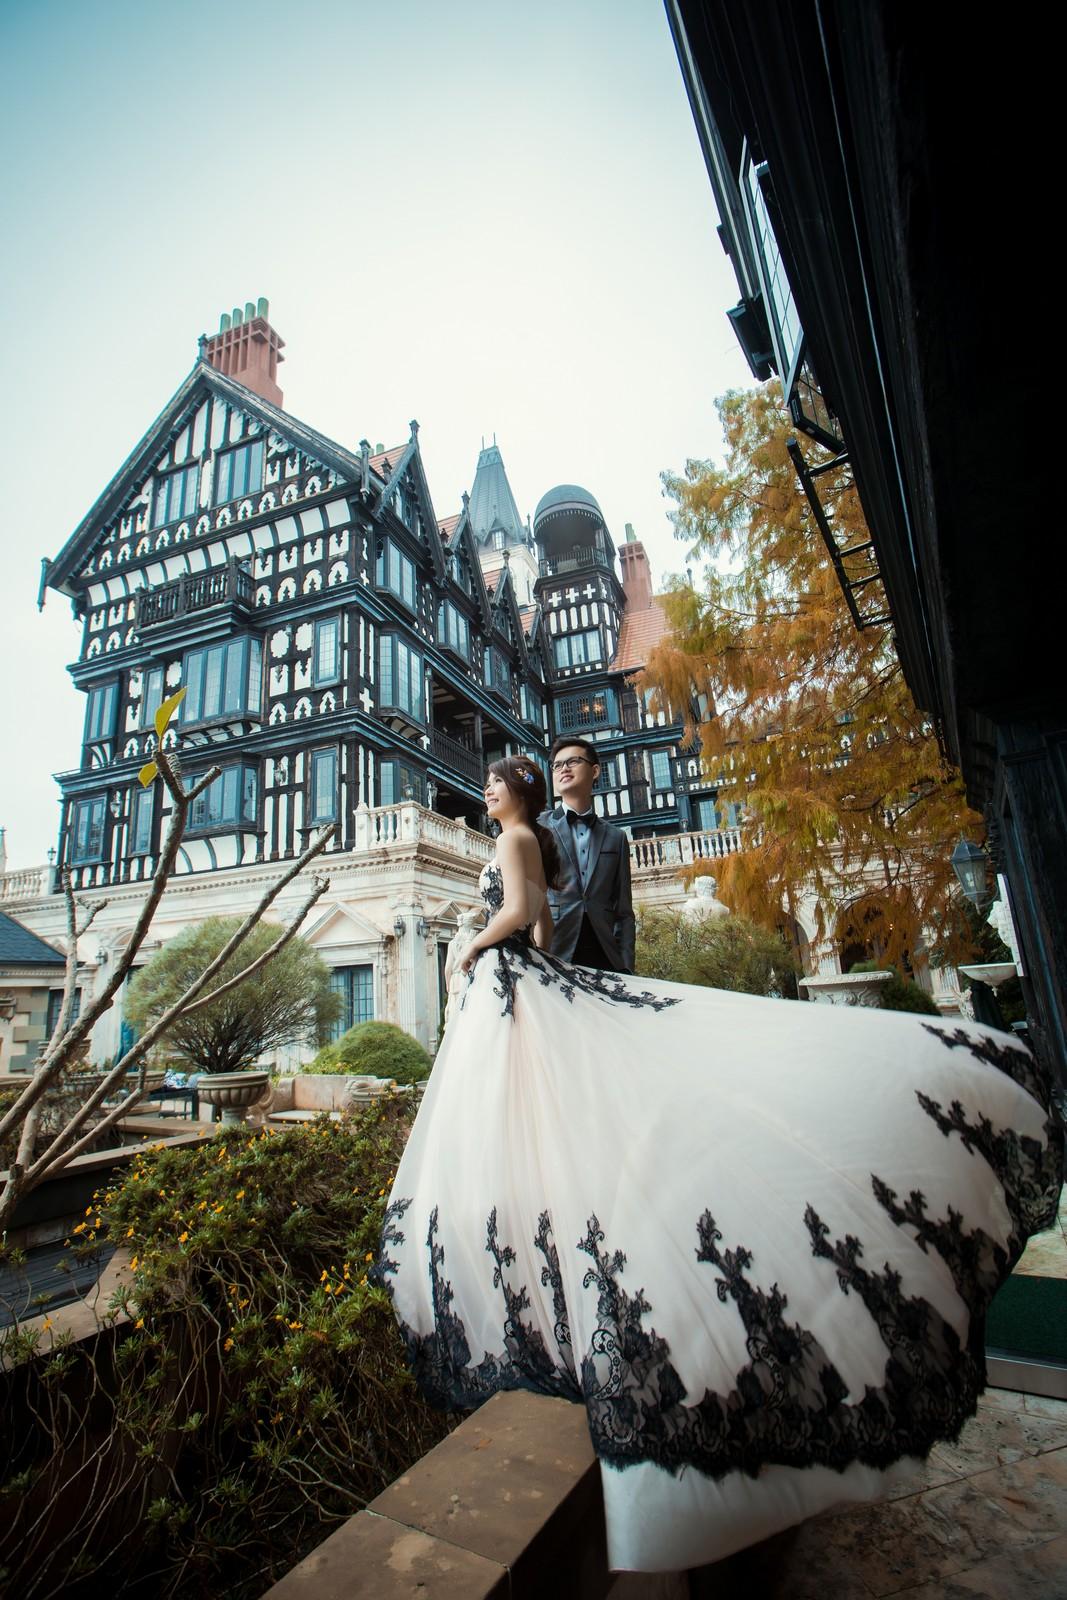 台中 婚紗,台中 婚紗工作室,台中 婚紗店,台中拍婚紗,台中 婚紗攝影,台中 婚紗照,台中 自助婚紗